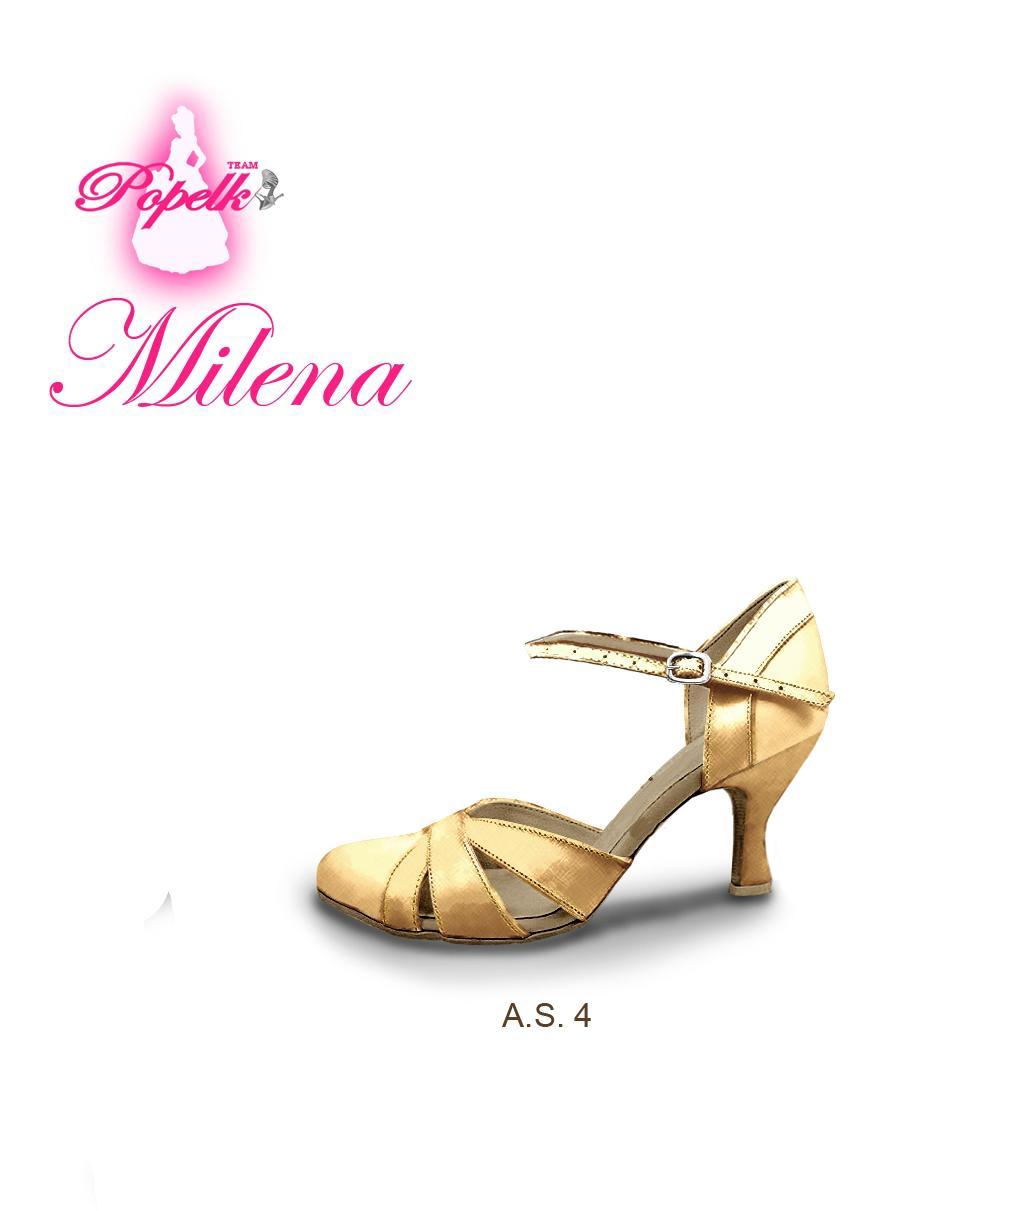 Svadobné topánky navrhni a uprav si ich podľa seba - inšpirácie zlatá - Obrázok č. 53